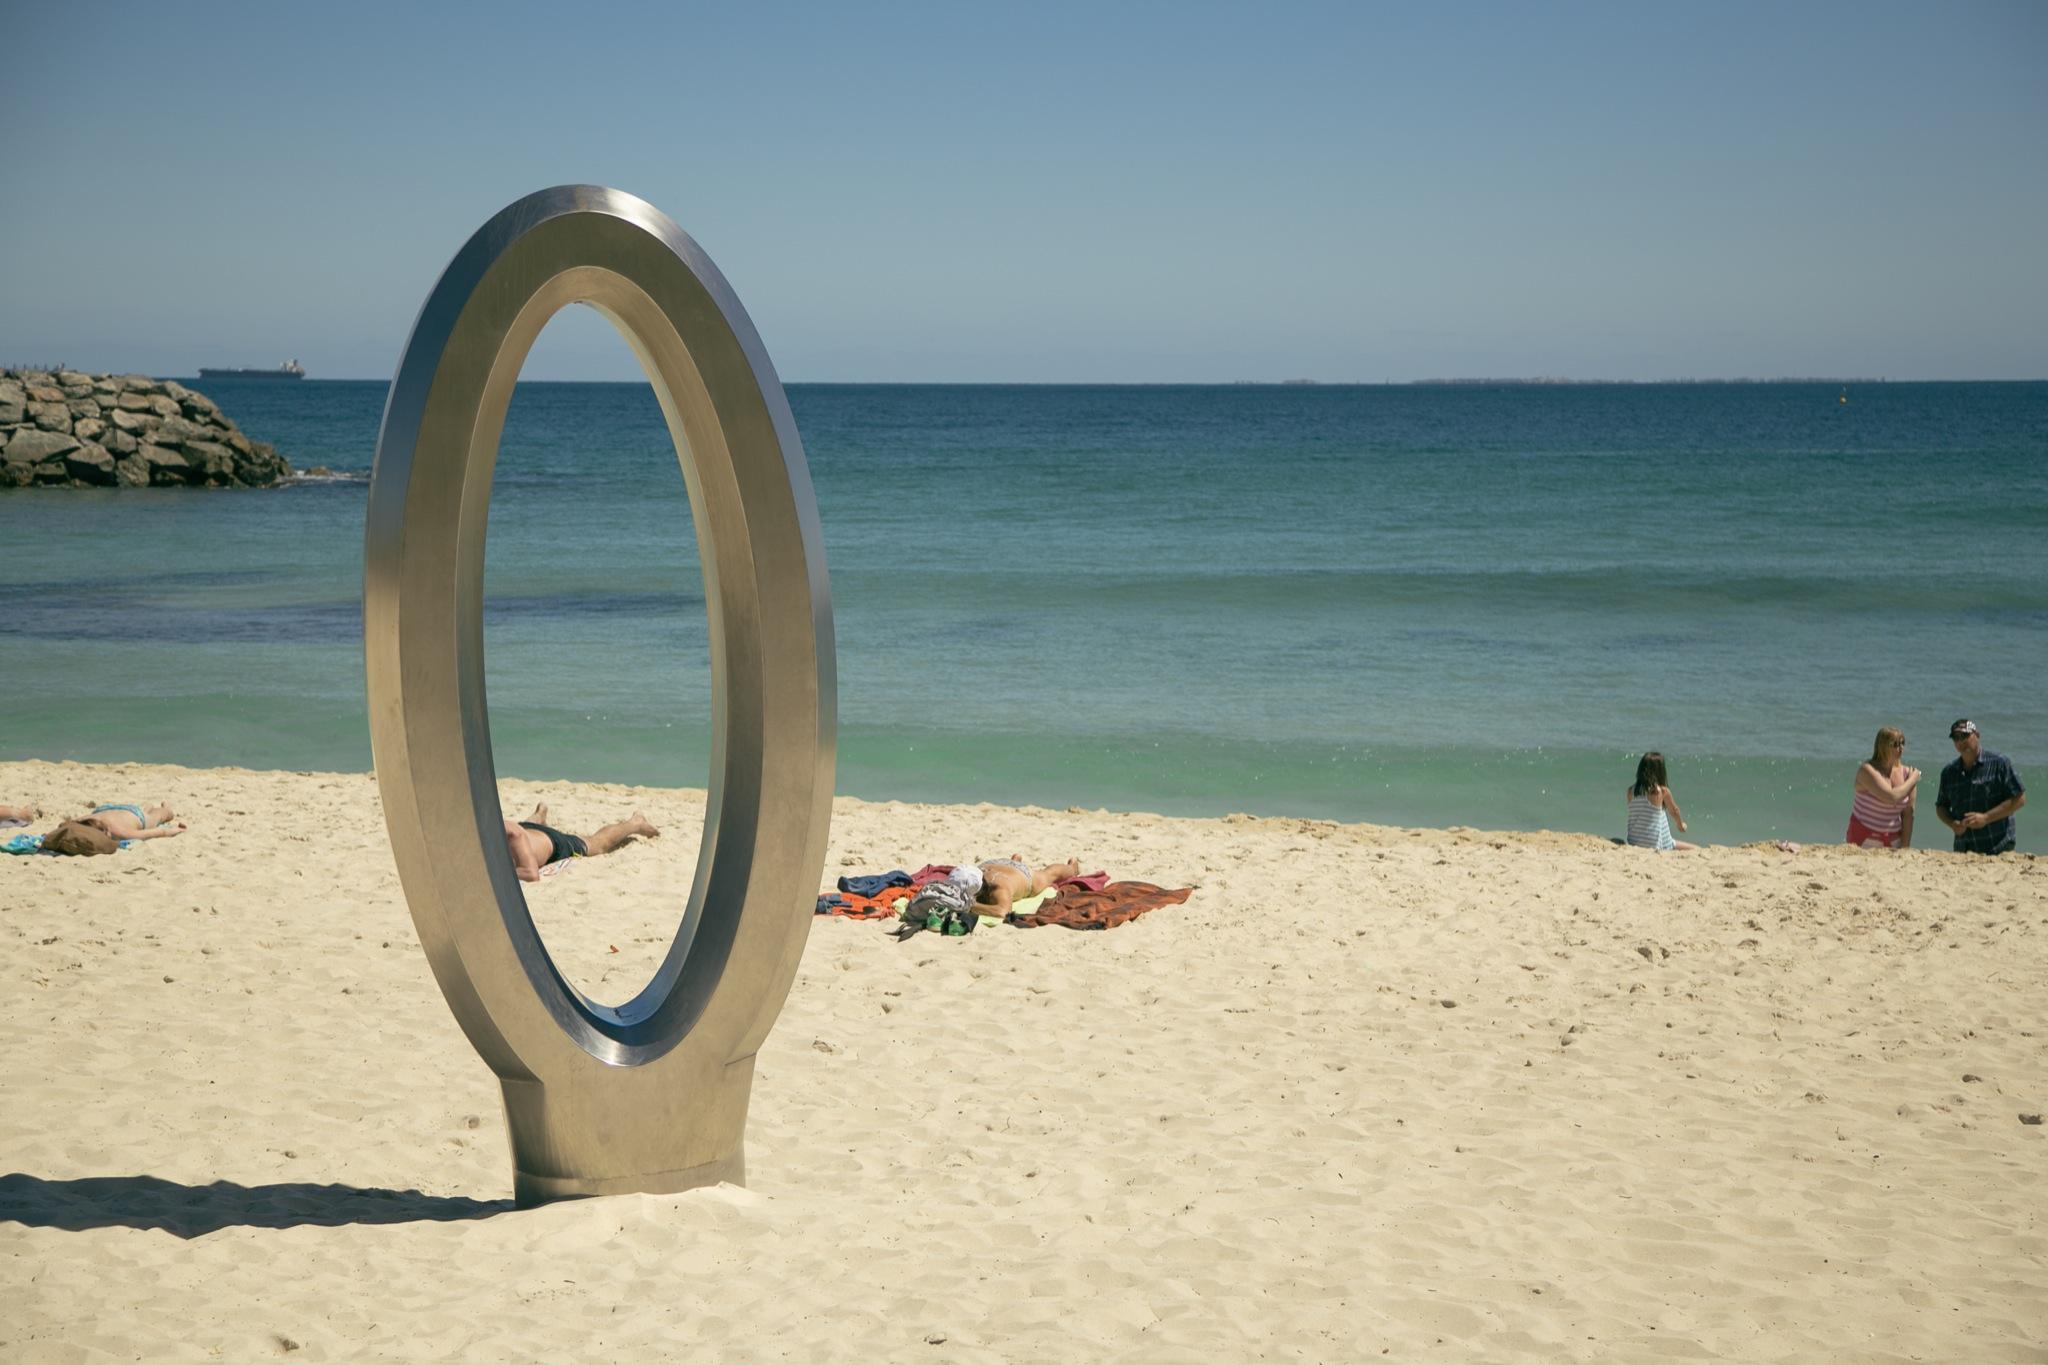 sculpturebythesea-15.jpg